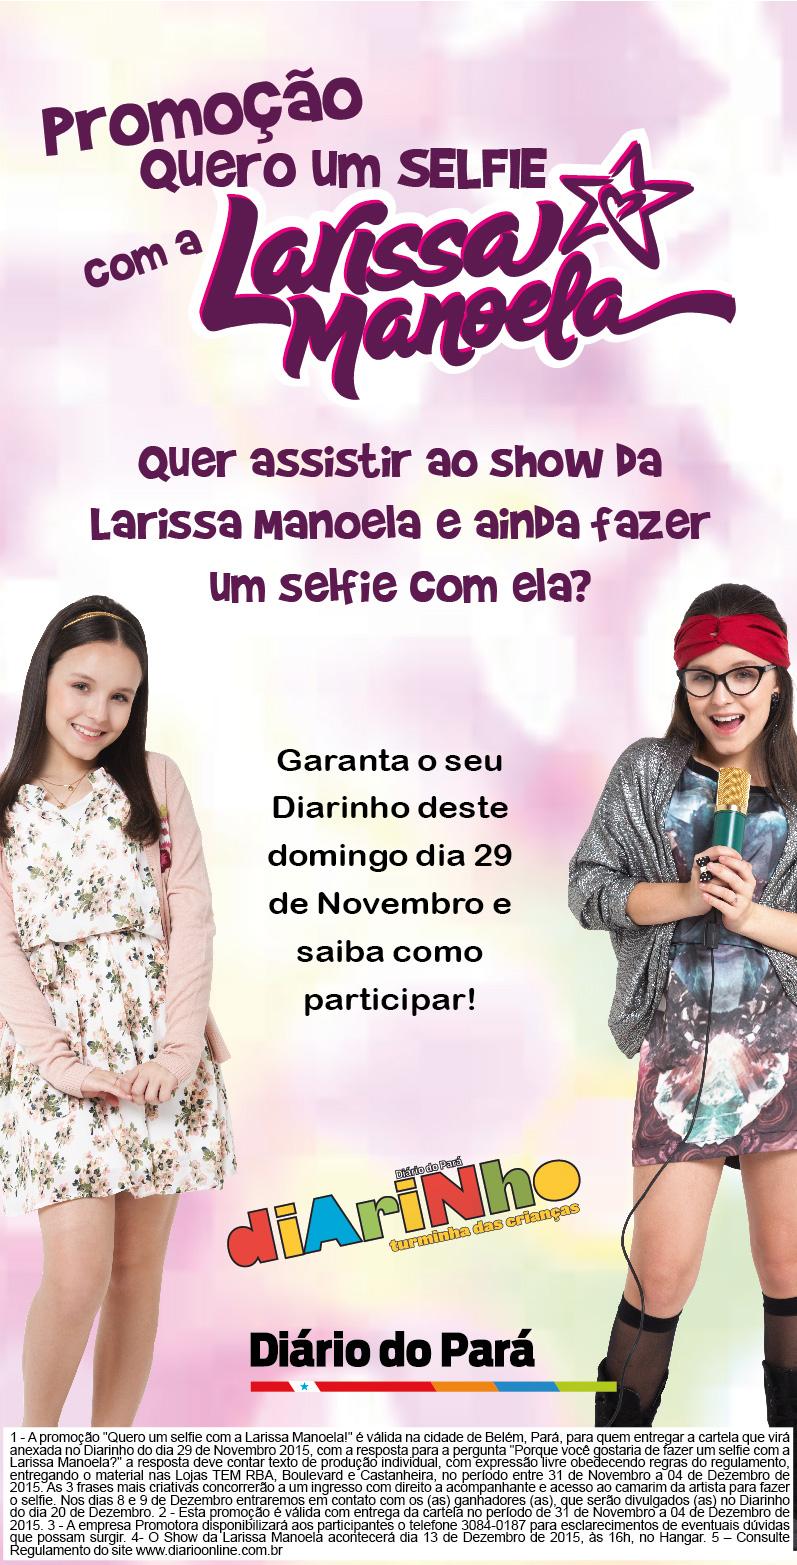 Larissa Diário do Pará Diarinho 25,5 x 28,5 Promocao Selfie Chamada 1 Quer  assistir ao Show da Larissa Manoela  10269bbac7